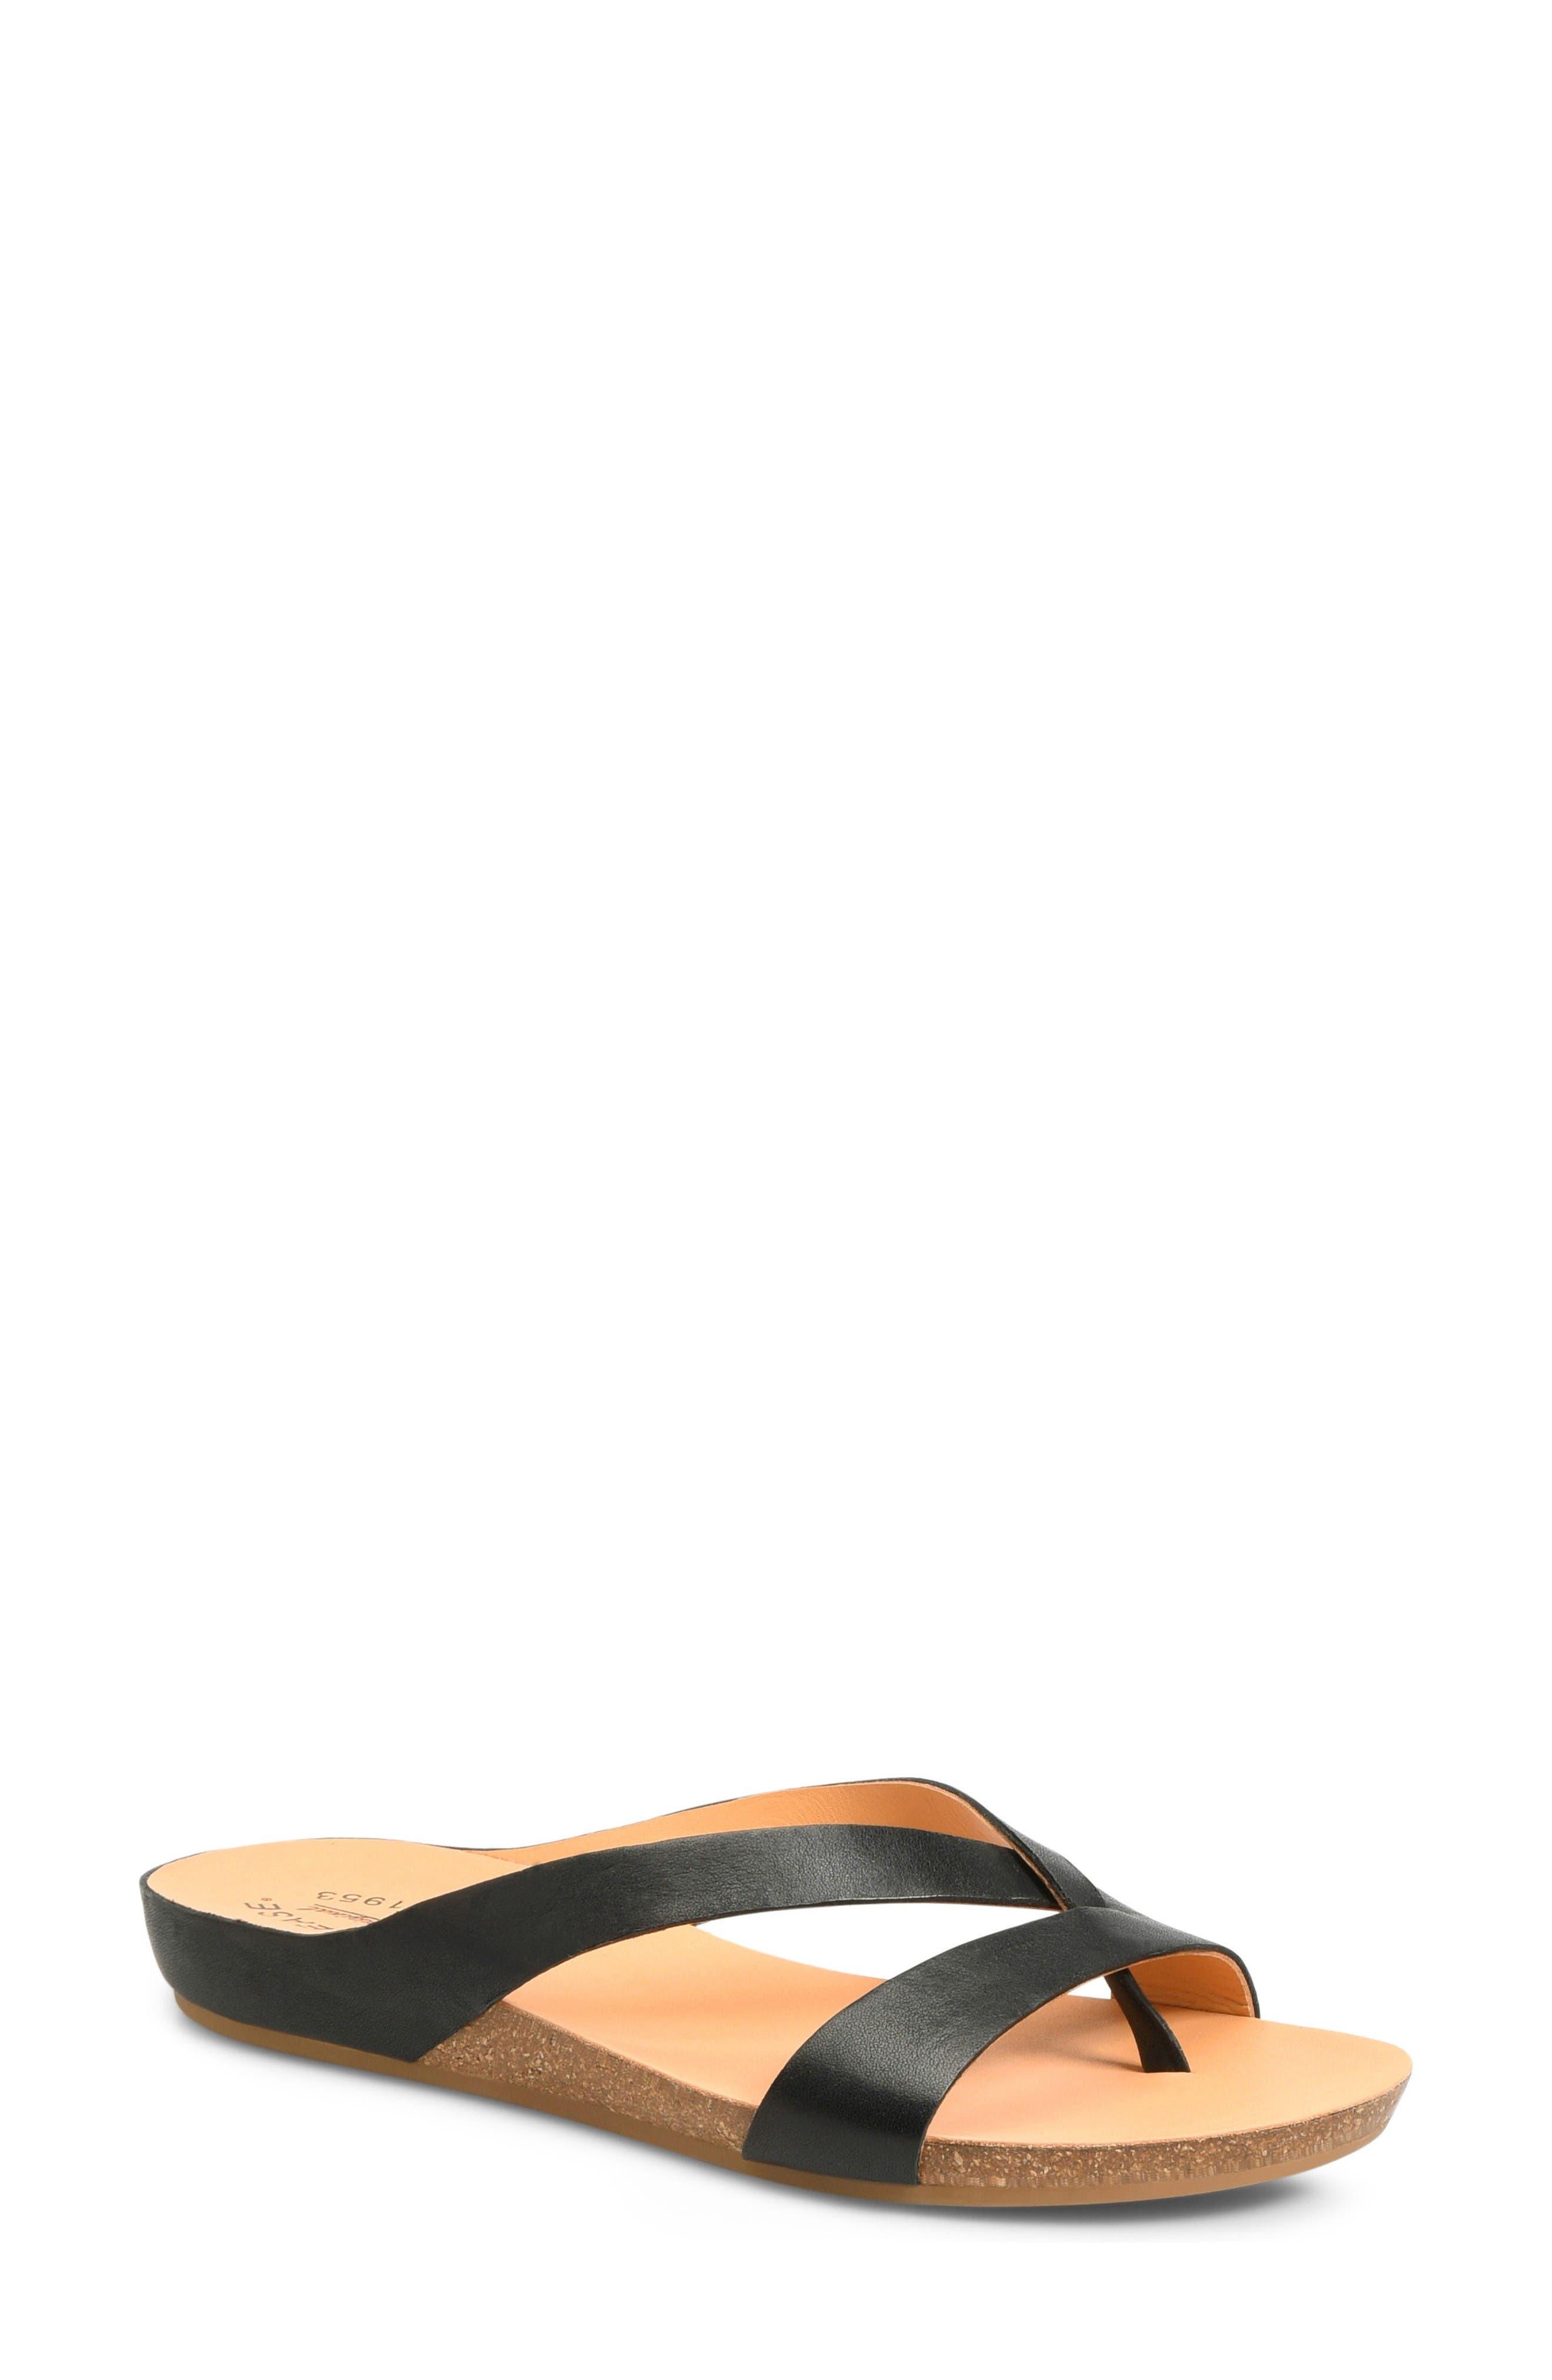 Alternate Image 1 Selected - Kork-Ease® Devoe Sandal (Women)